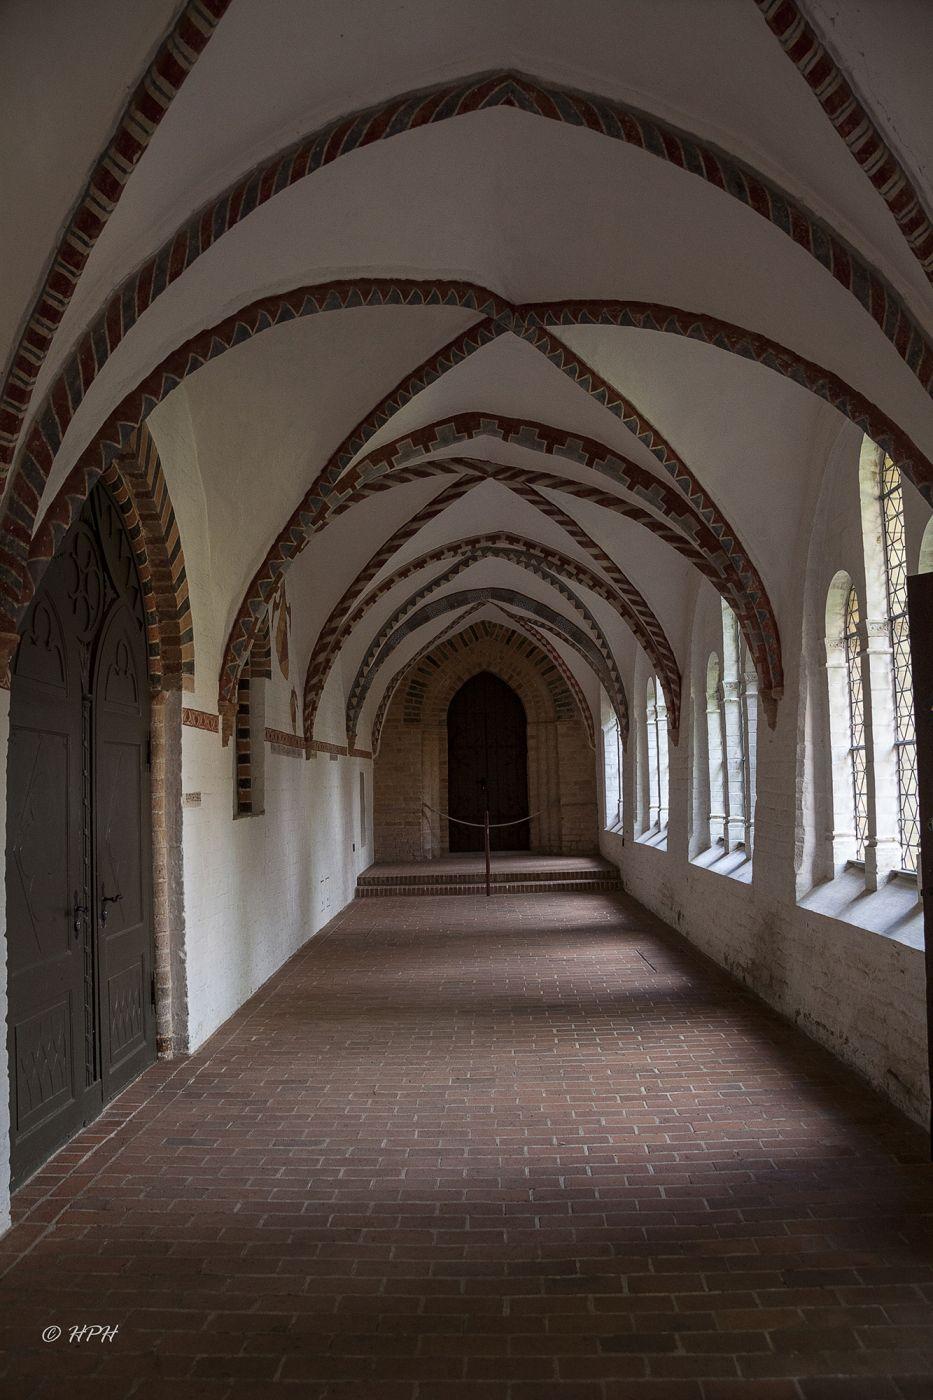 Dom, Ratzeburg, Germany